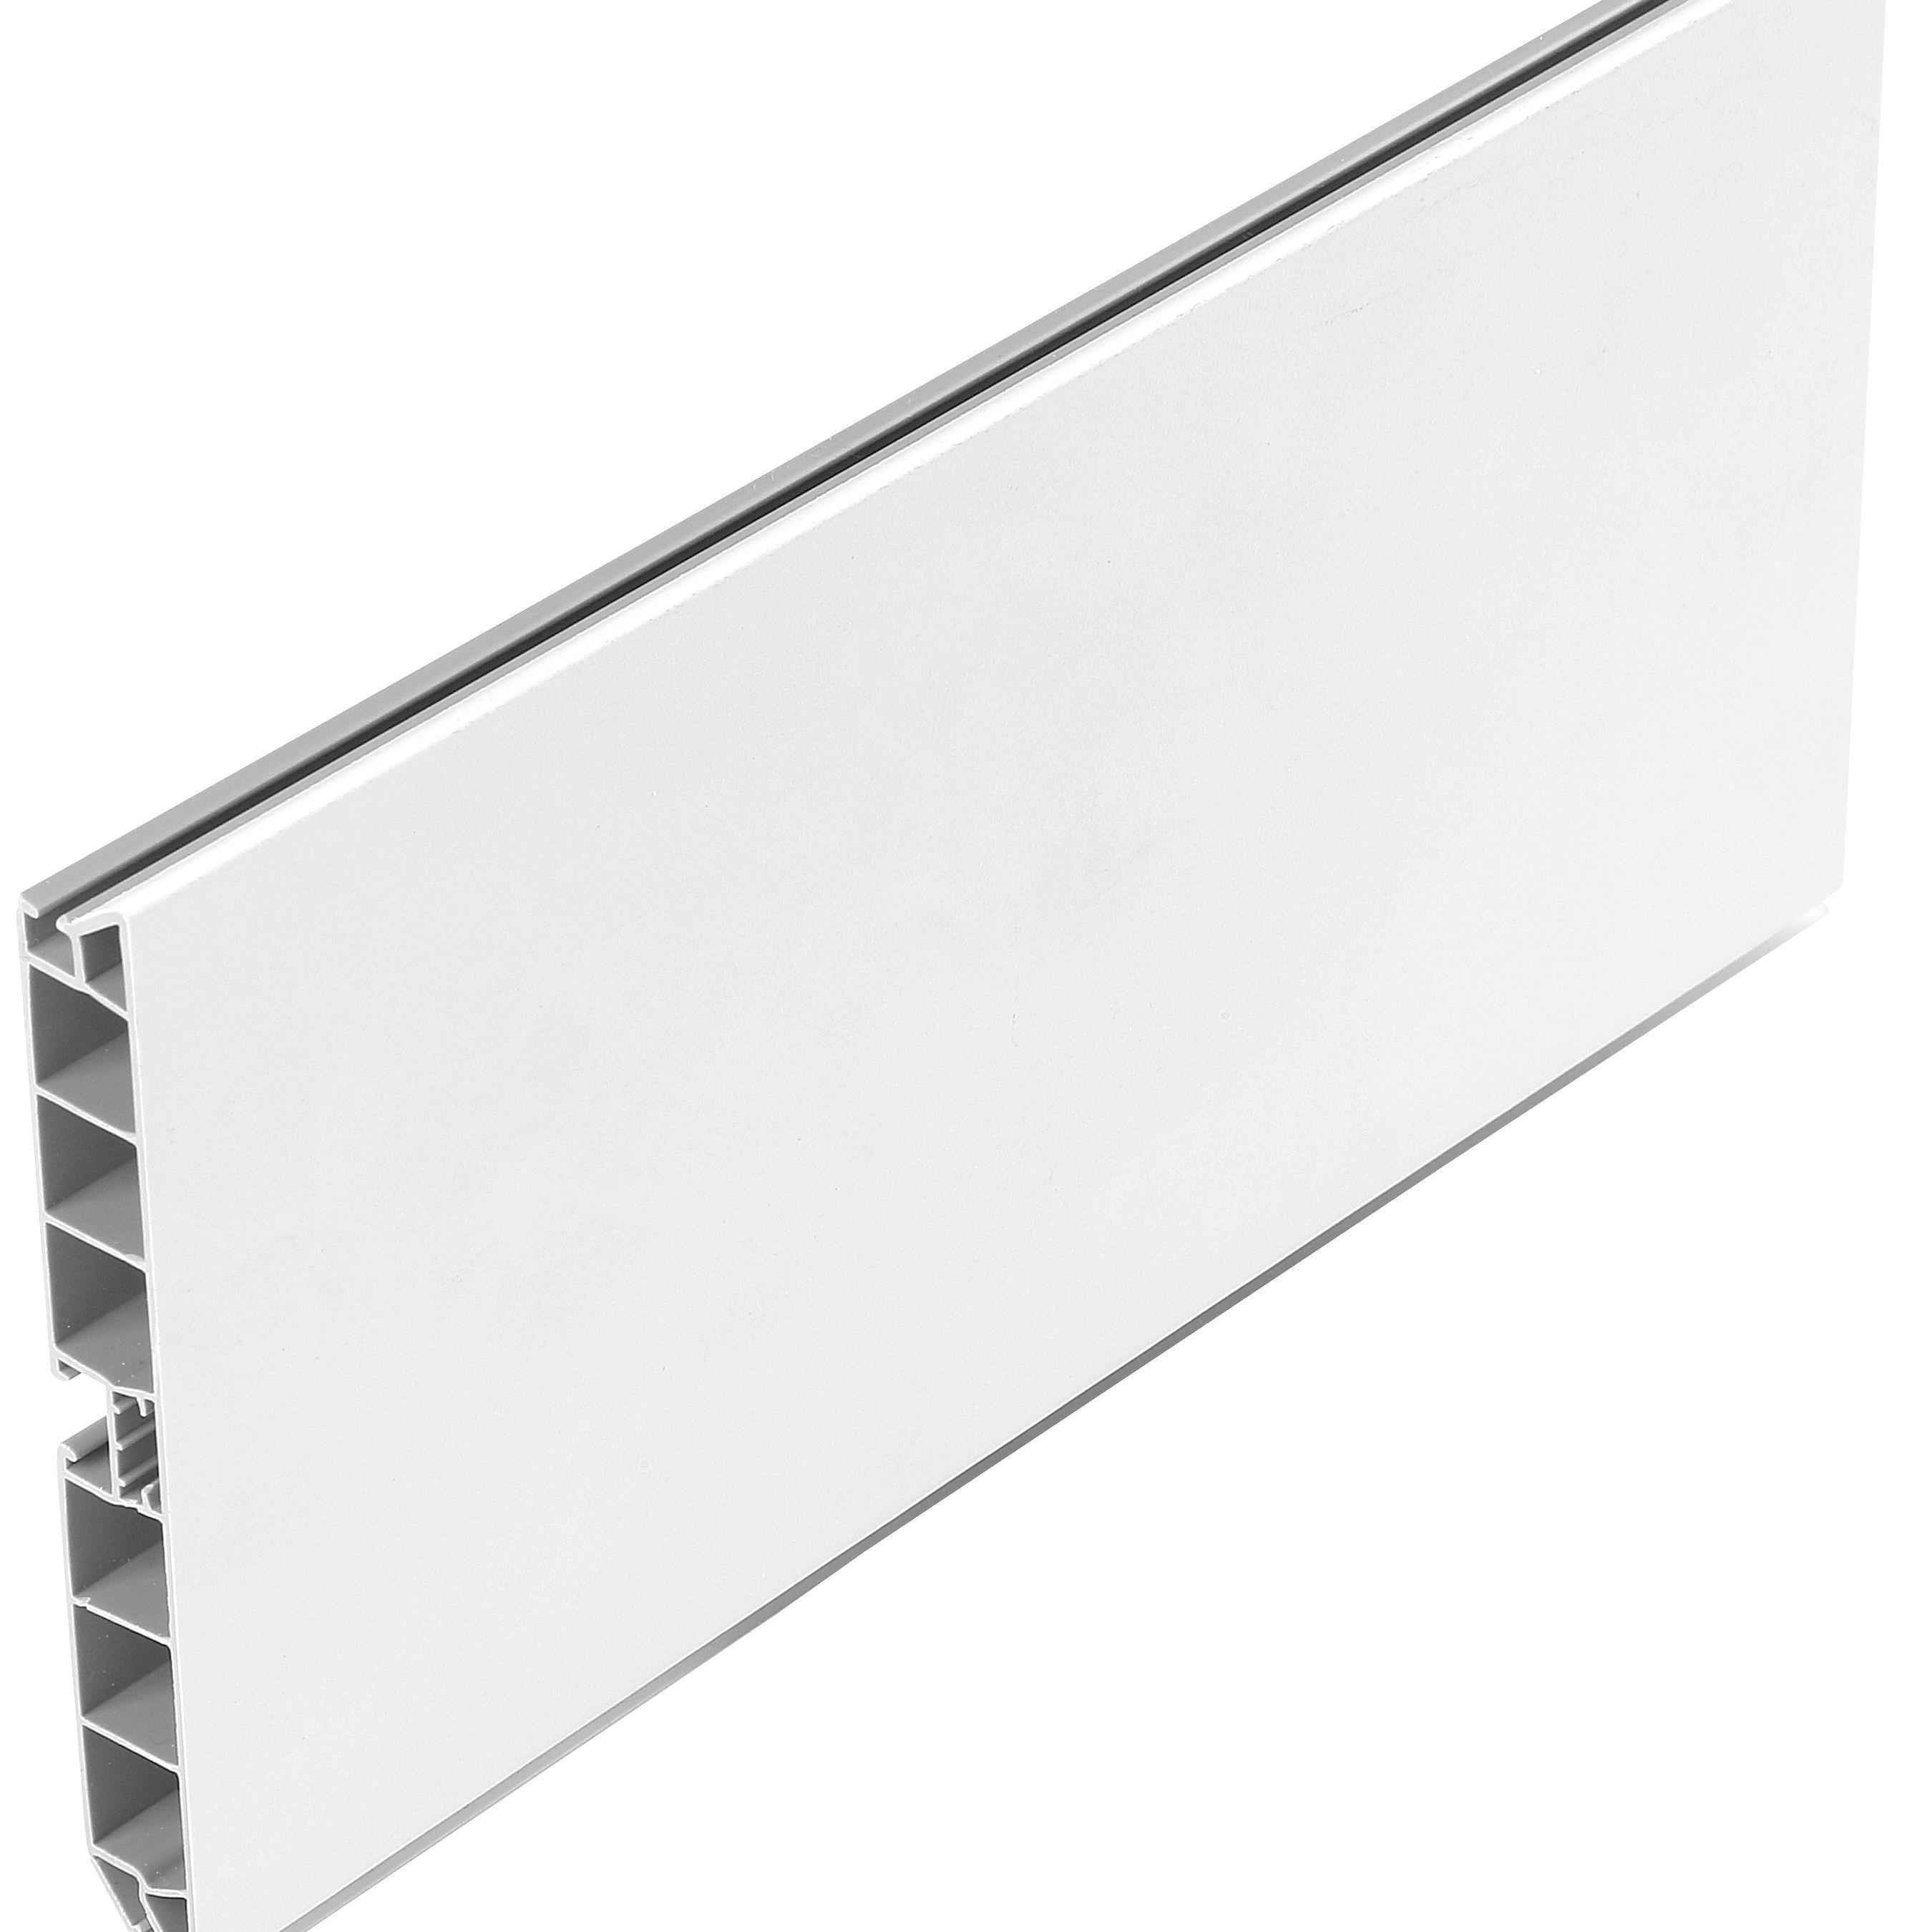 Plinta PVC, 100 mm x 4 m, alb